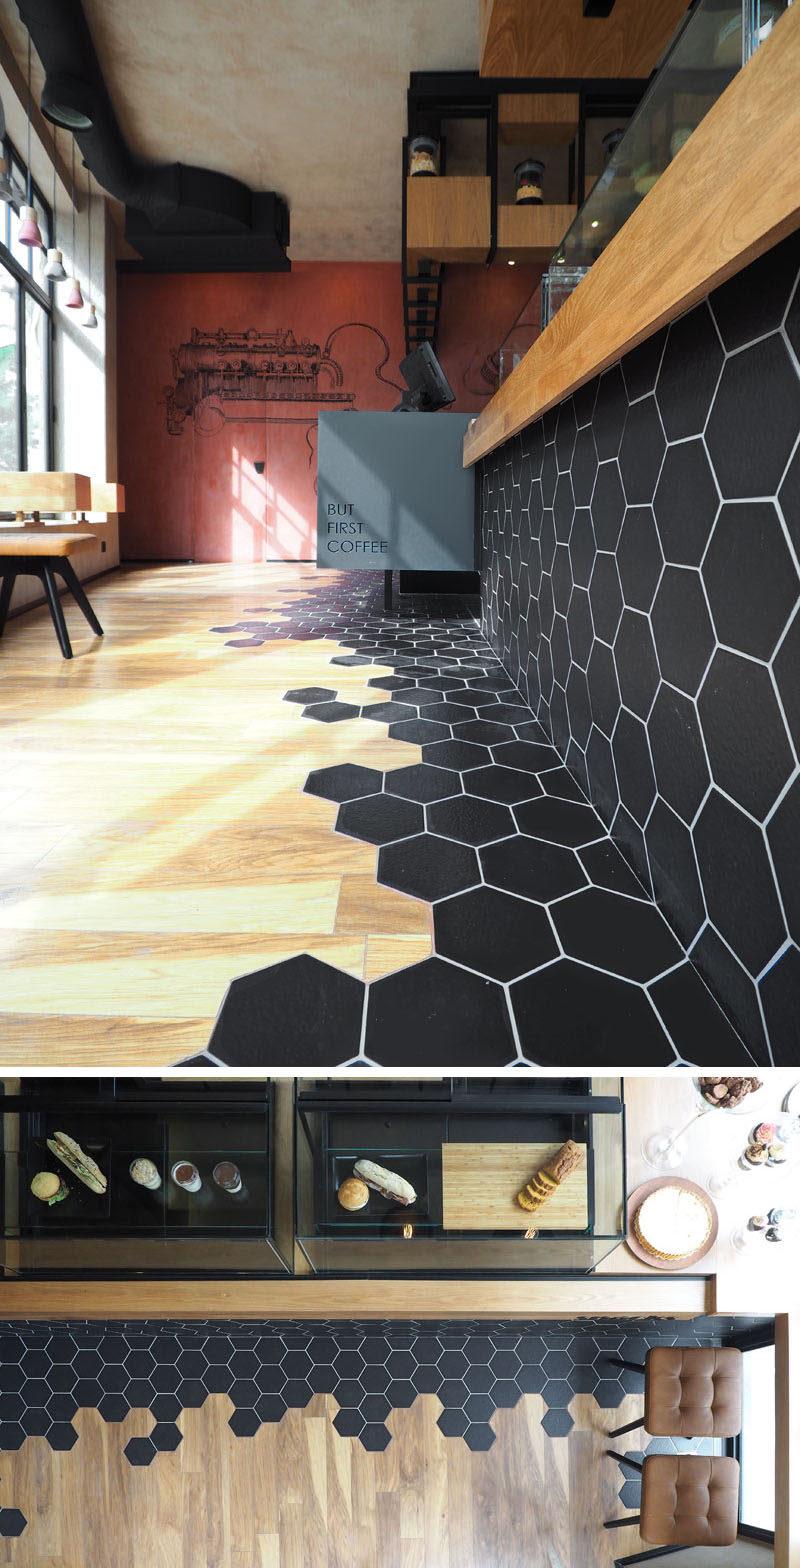 Captivating Black Hexagon Tiles This Hexagon Tiles Transition Into